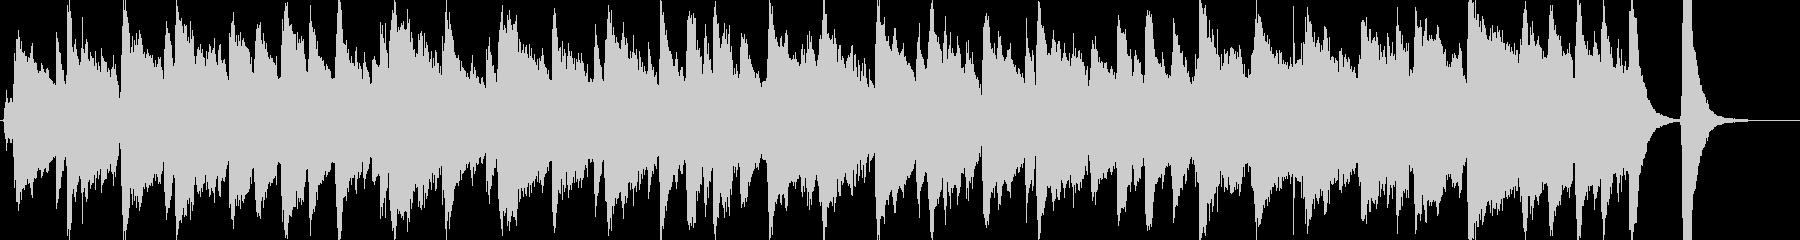 これは、アコーディオンと弦楽器とパ...の未再生の波形